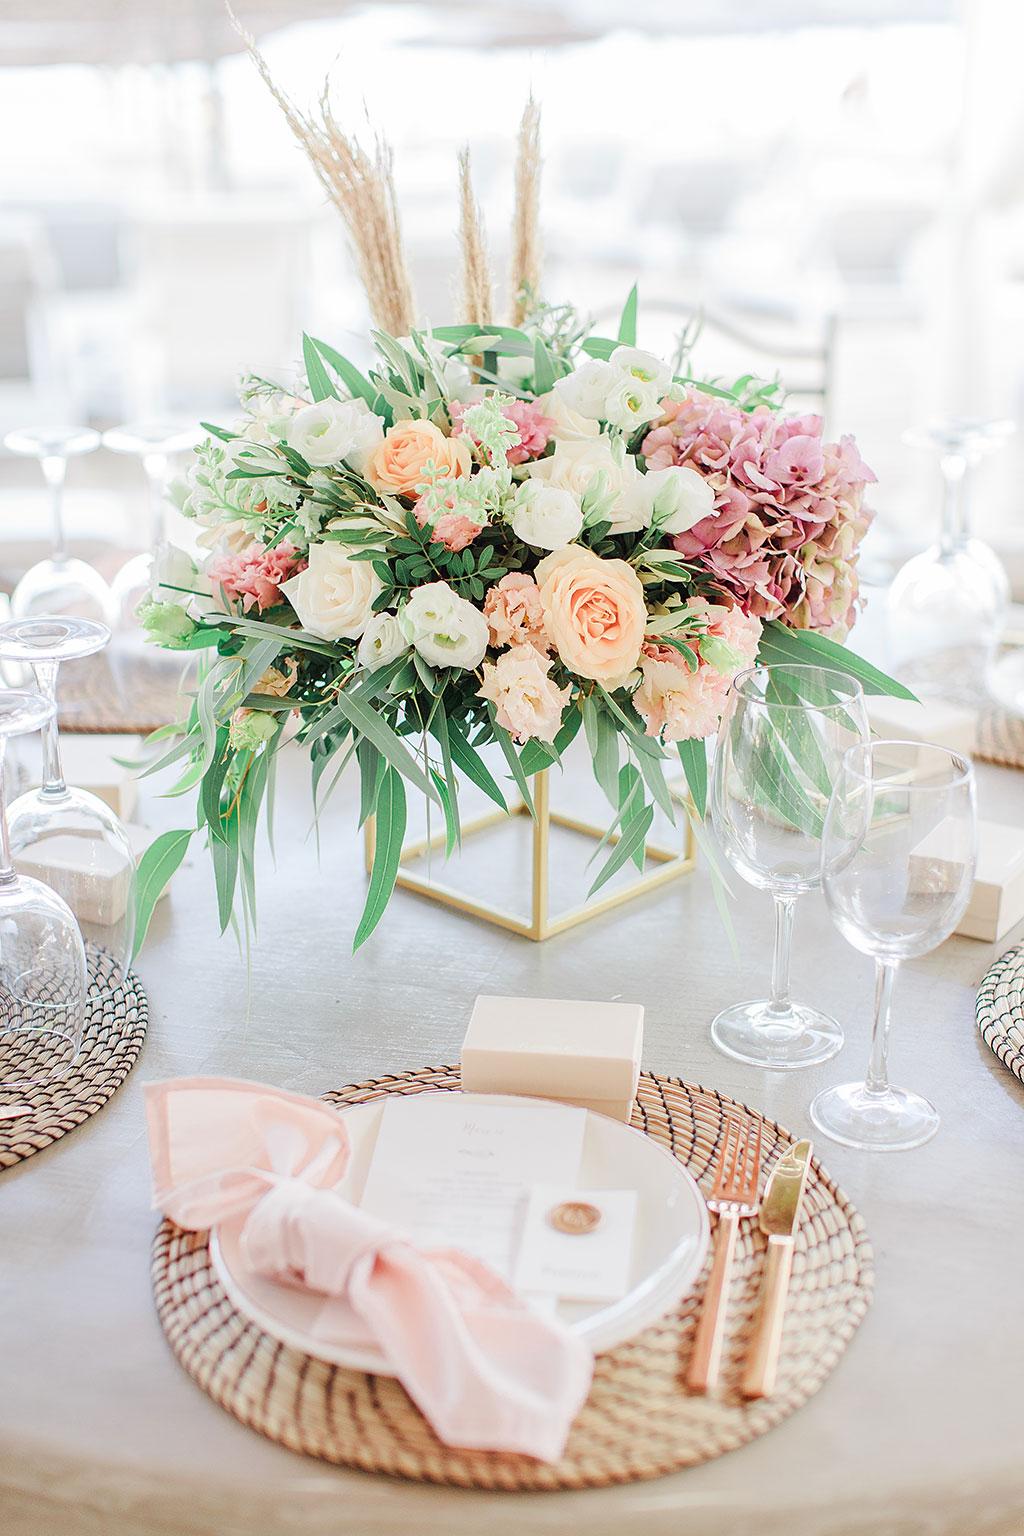 σύνθεση λουλουδιών σε τραπέζι, σε δεξίωση γάμου